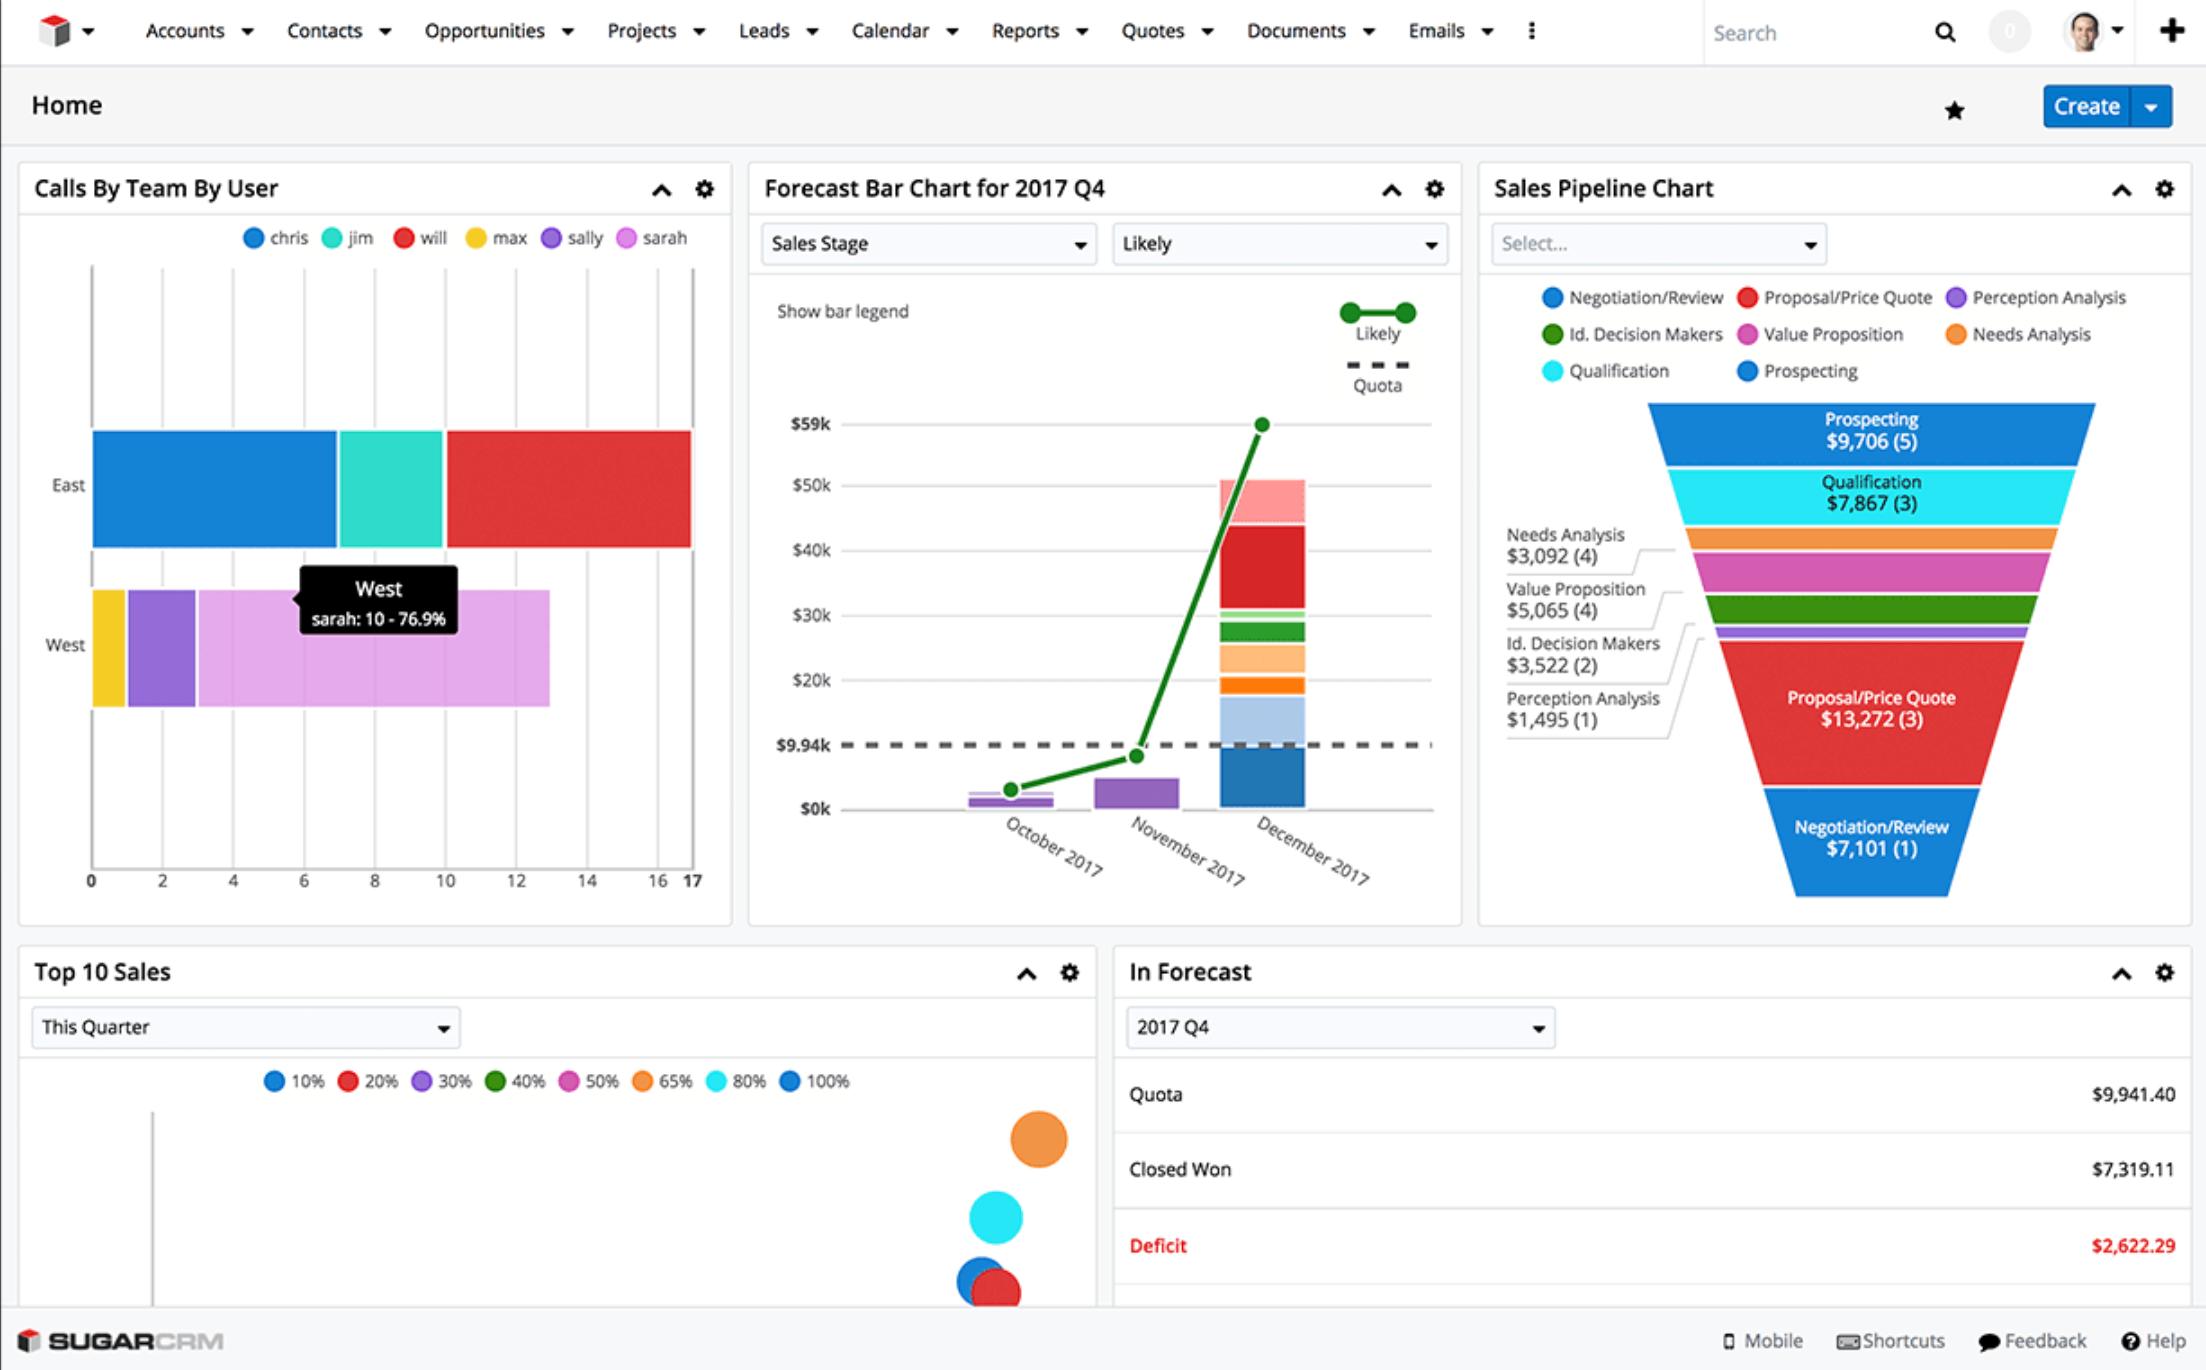 SugarCRM Software - SugarCRM dashboard